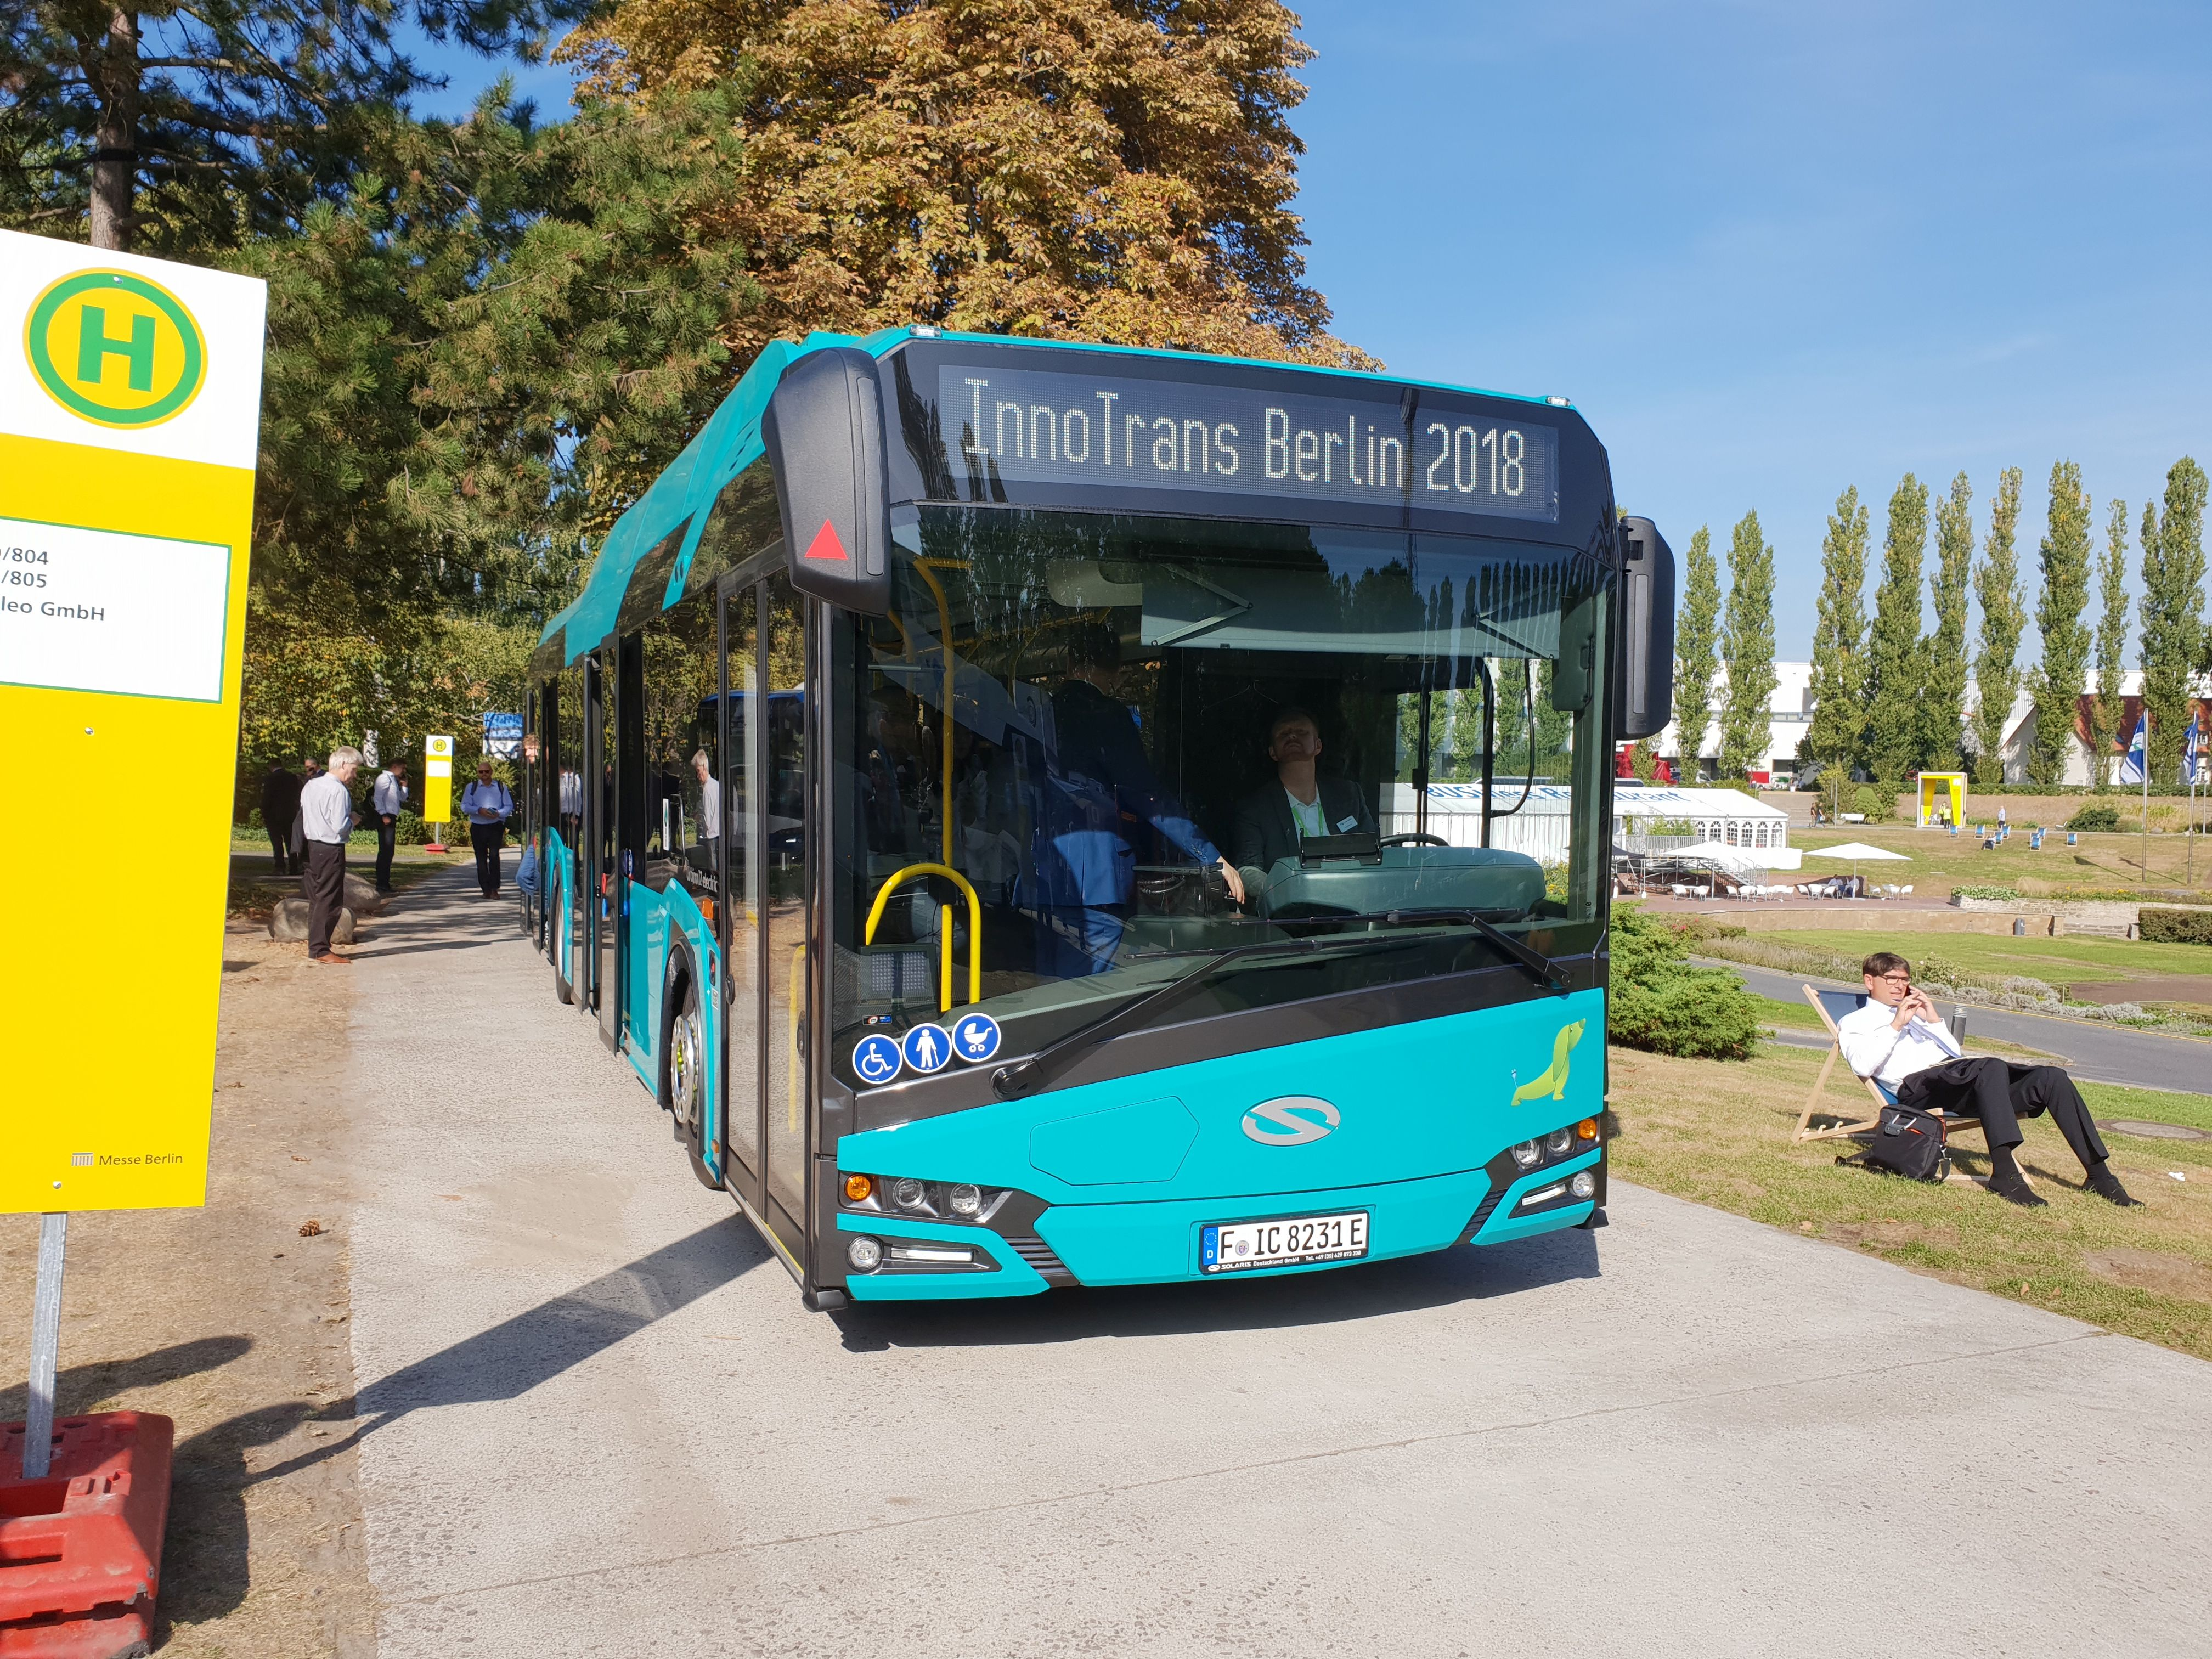 Foto: Elektrobus von Solaris auf der Berliner Innotrans 2018